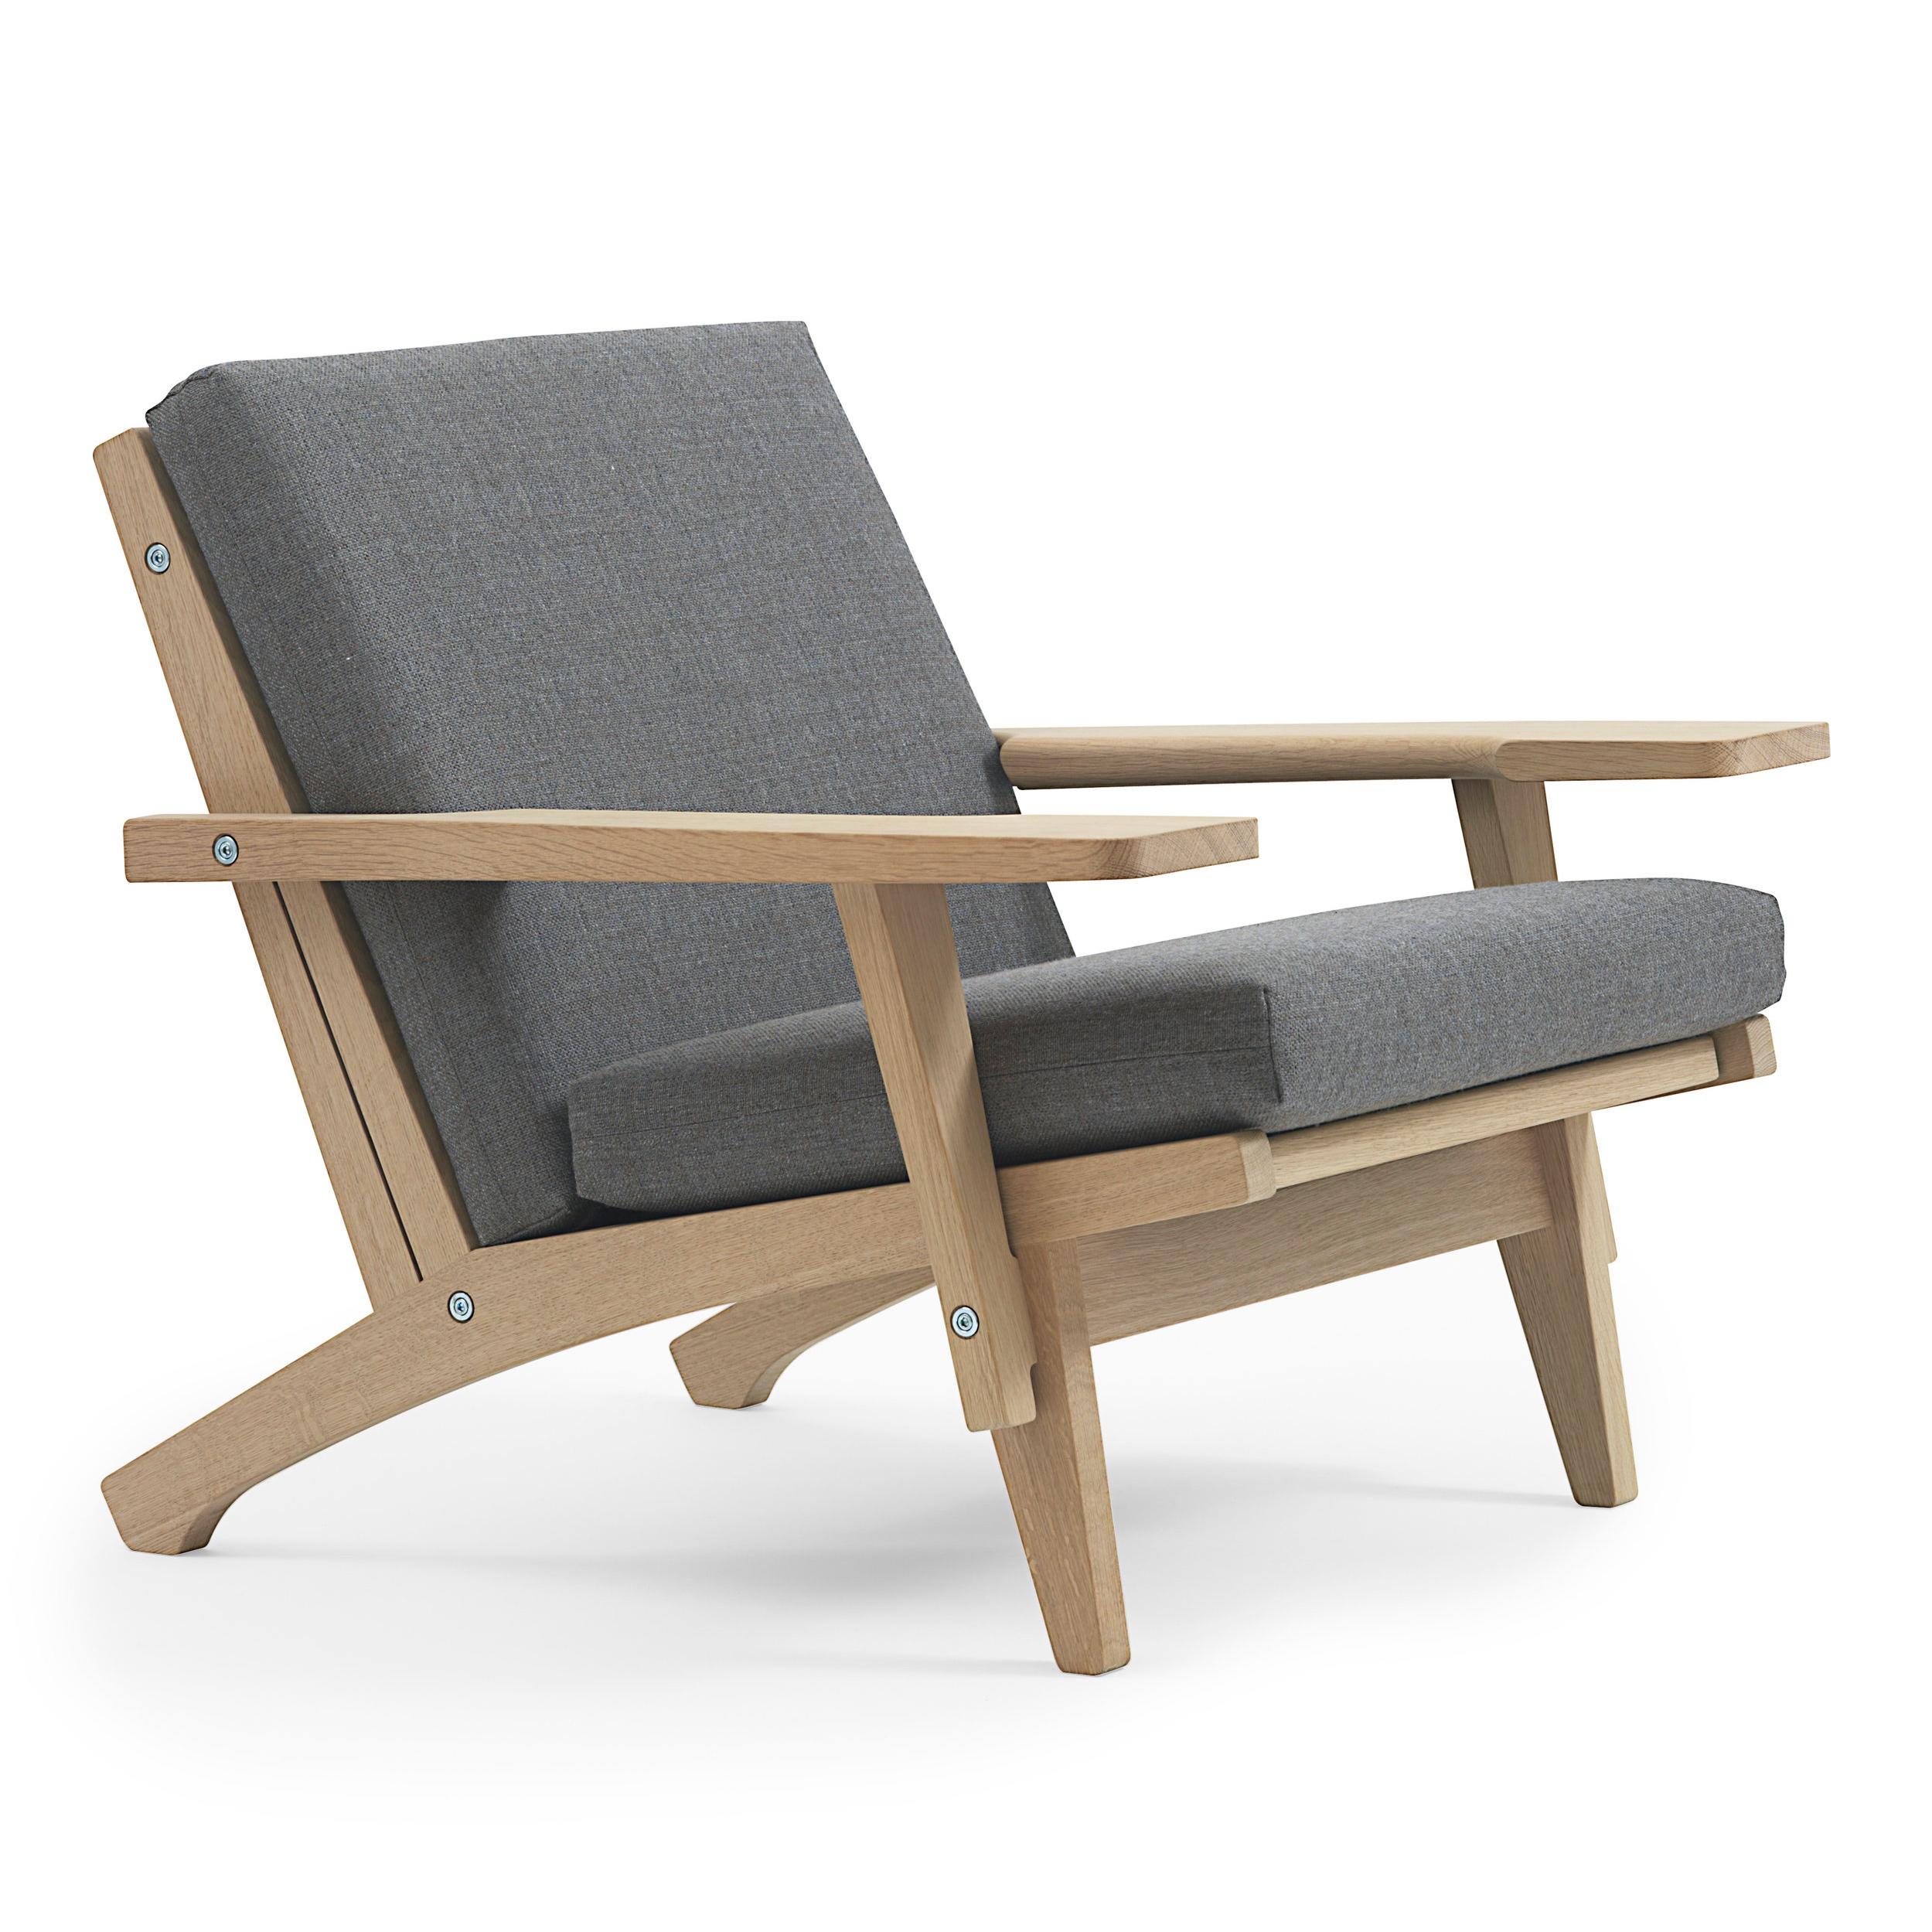 GE_370_GE370_Getama_Hans_Wegner_Gestalt_NewYork_Lowback_Lounge_Chair_arms_5.jpg